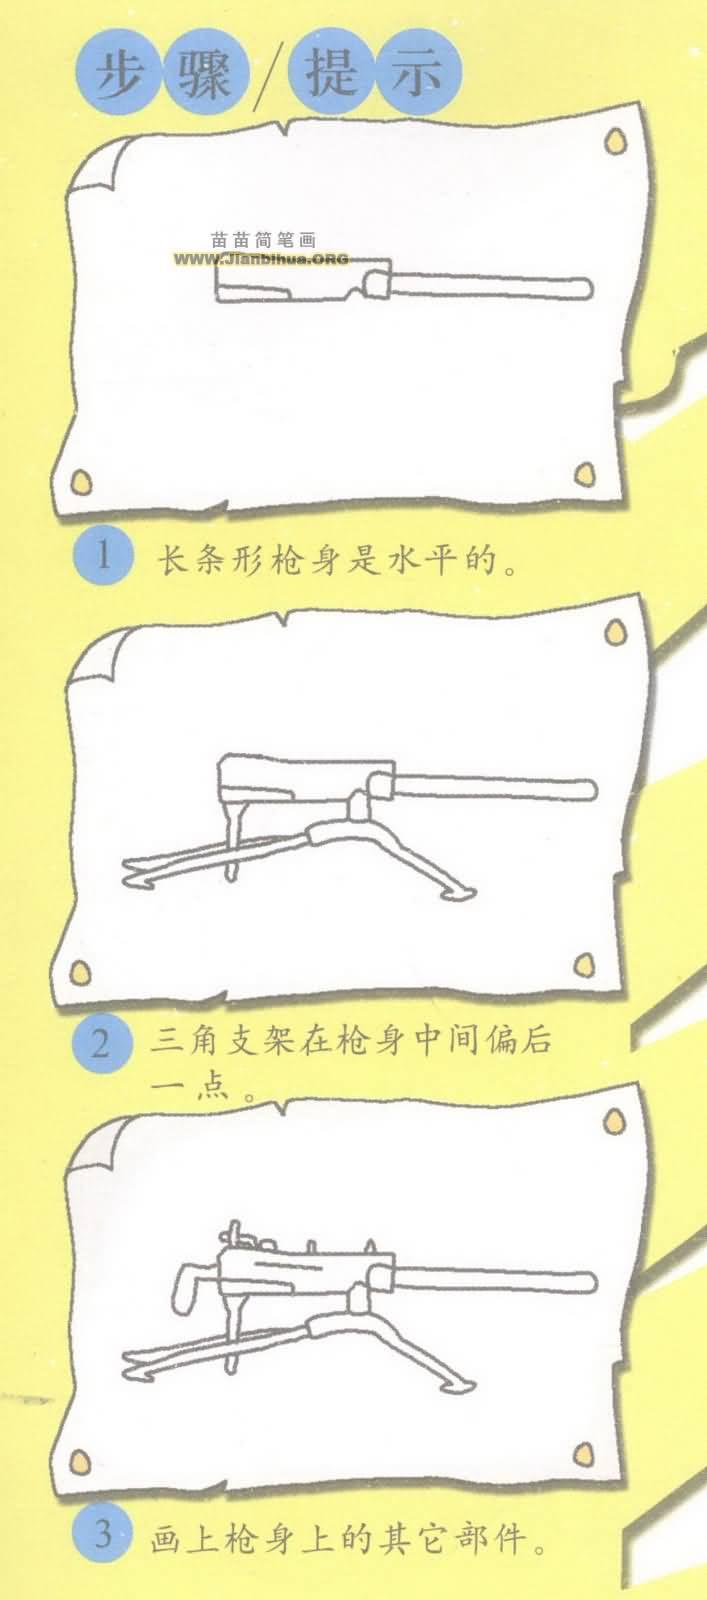 重机枪简笔画